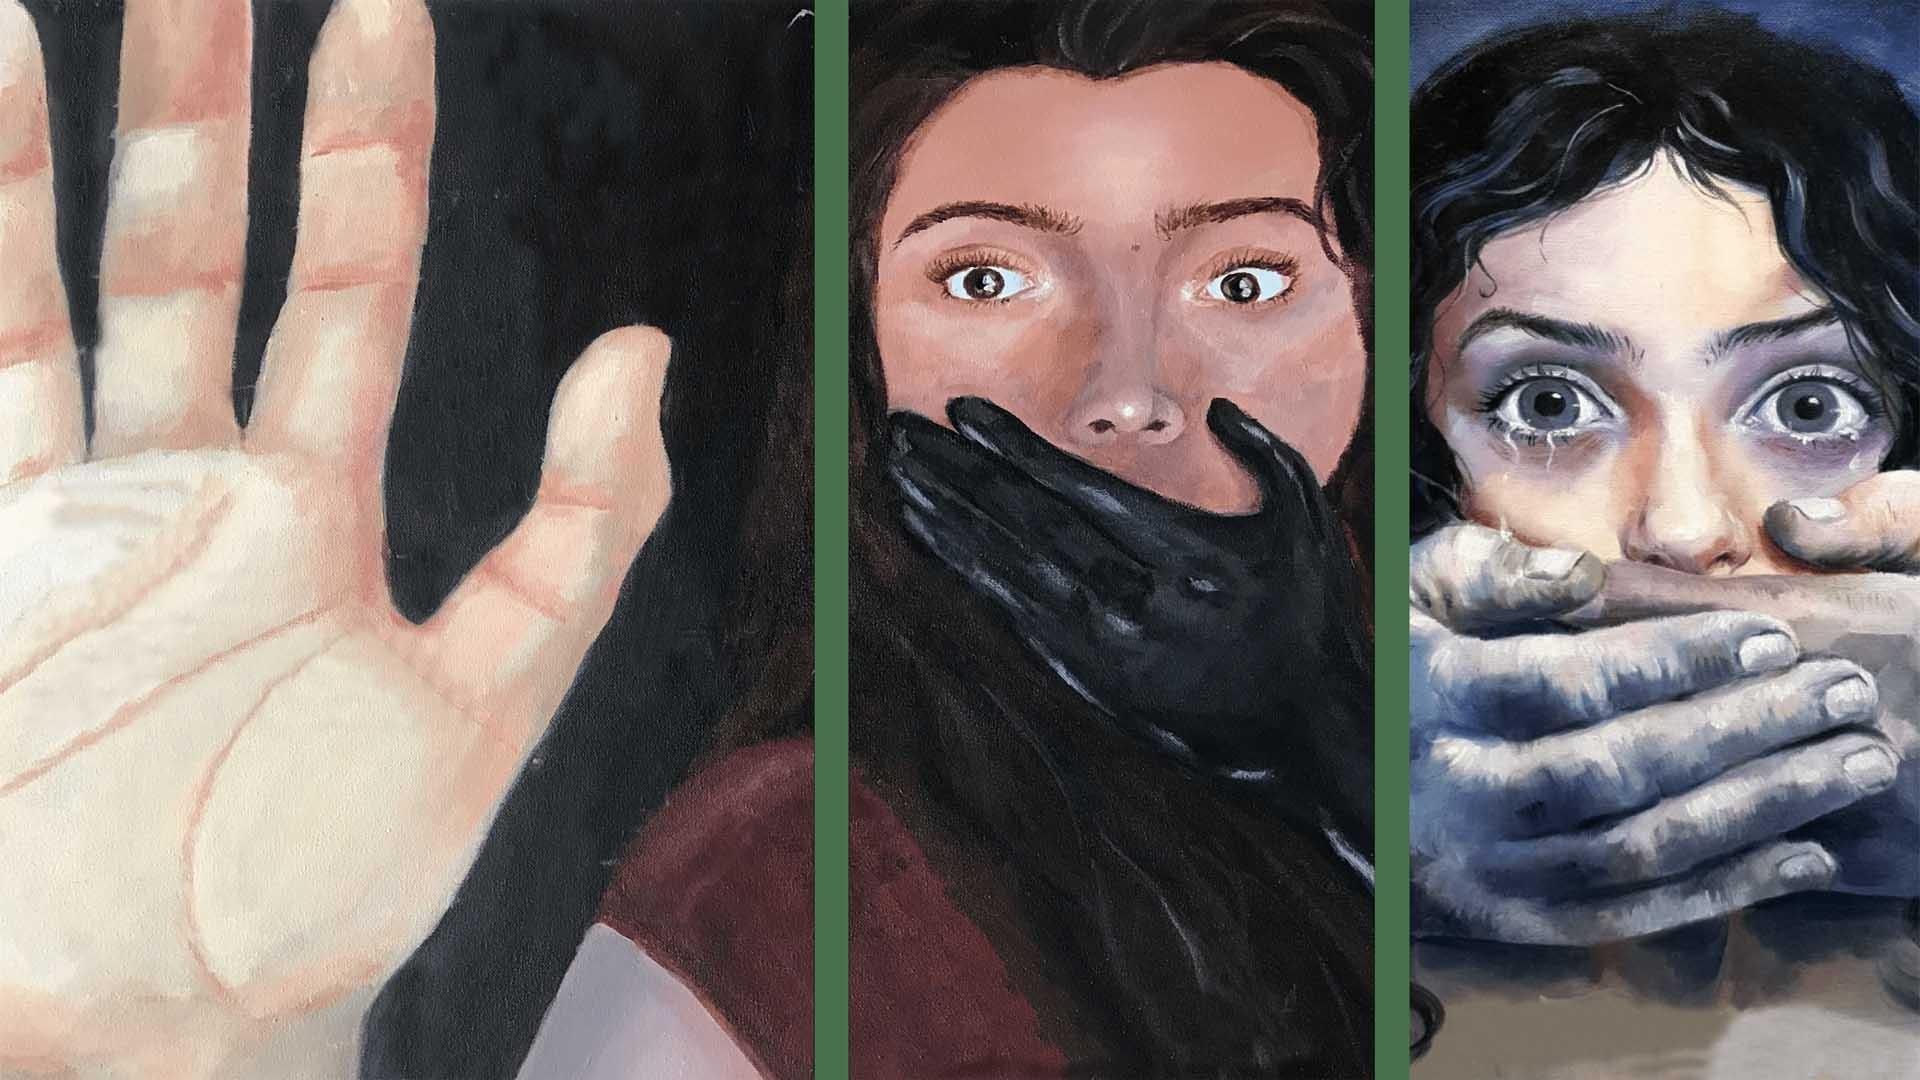 العنف الجنسي في الأزمة السورية وآثاره